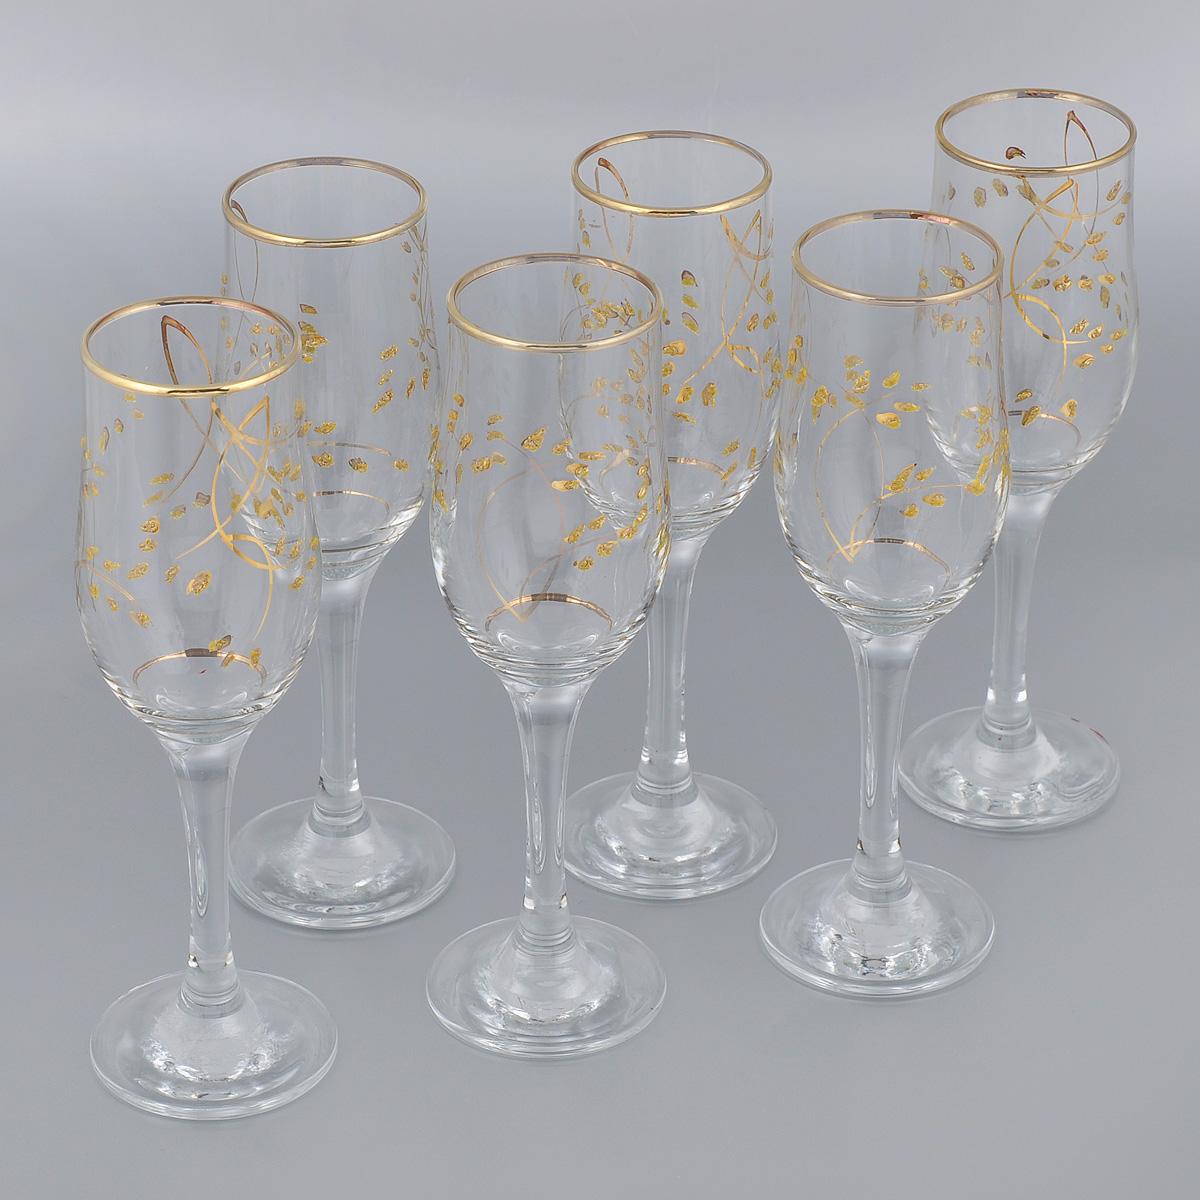 Набор бокалов Гусь-Хрустальный Колосок, 200 мл, 6 штK28-160Набор Гусь-Хрустальный Колосок состоит из 6 бокалов на длинных тонких ножках, изготовленных из высококачественного натрий-кальций-силикатного стекла. Изделия оформлены золотистой эмалью и красивым рельефным рисунком. Бокалы предназначены для шампанского или вина. Такой набор прекрасно дополнит праздничный стол и станет желанным подарком в любом доме. Разрешается мыть в посудомоечной машине. Диаметр бокала (по верхнему краю): 5 см. Высота бокала: 20,5 см.